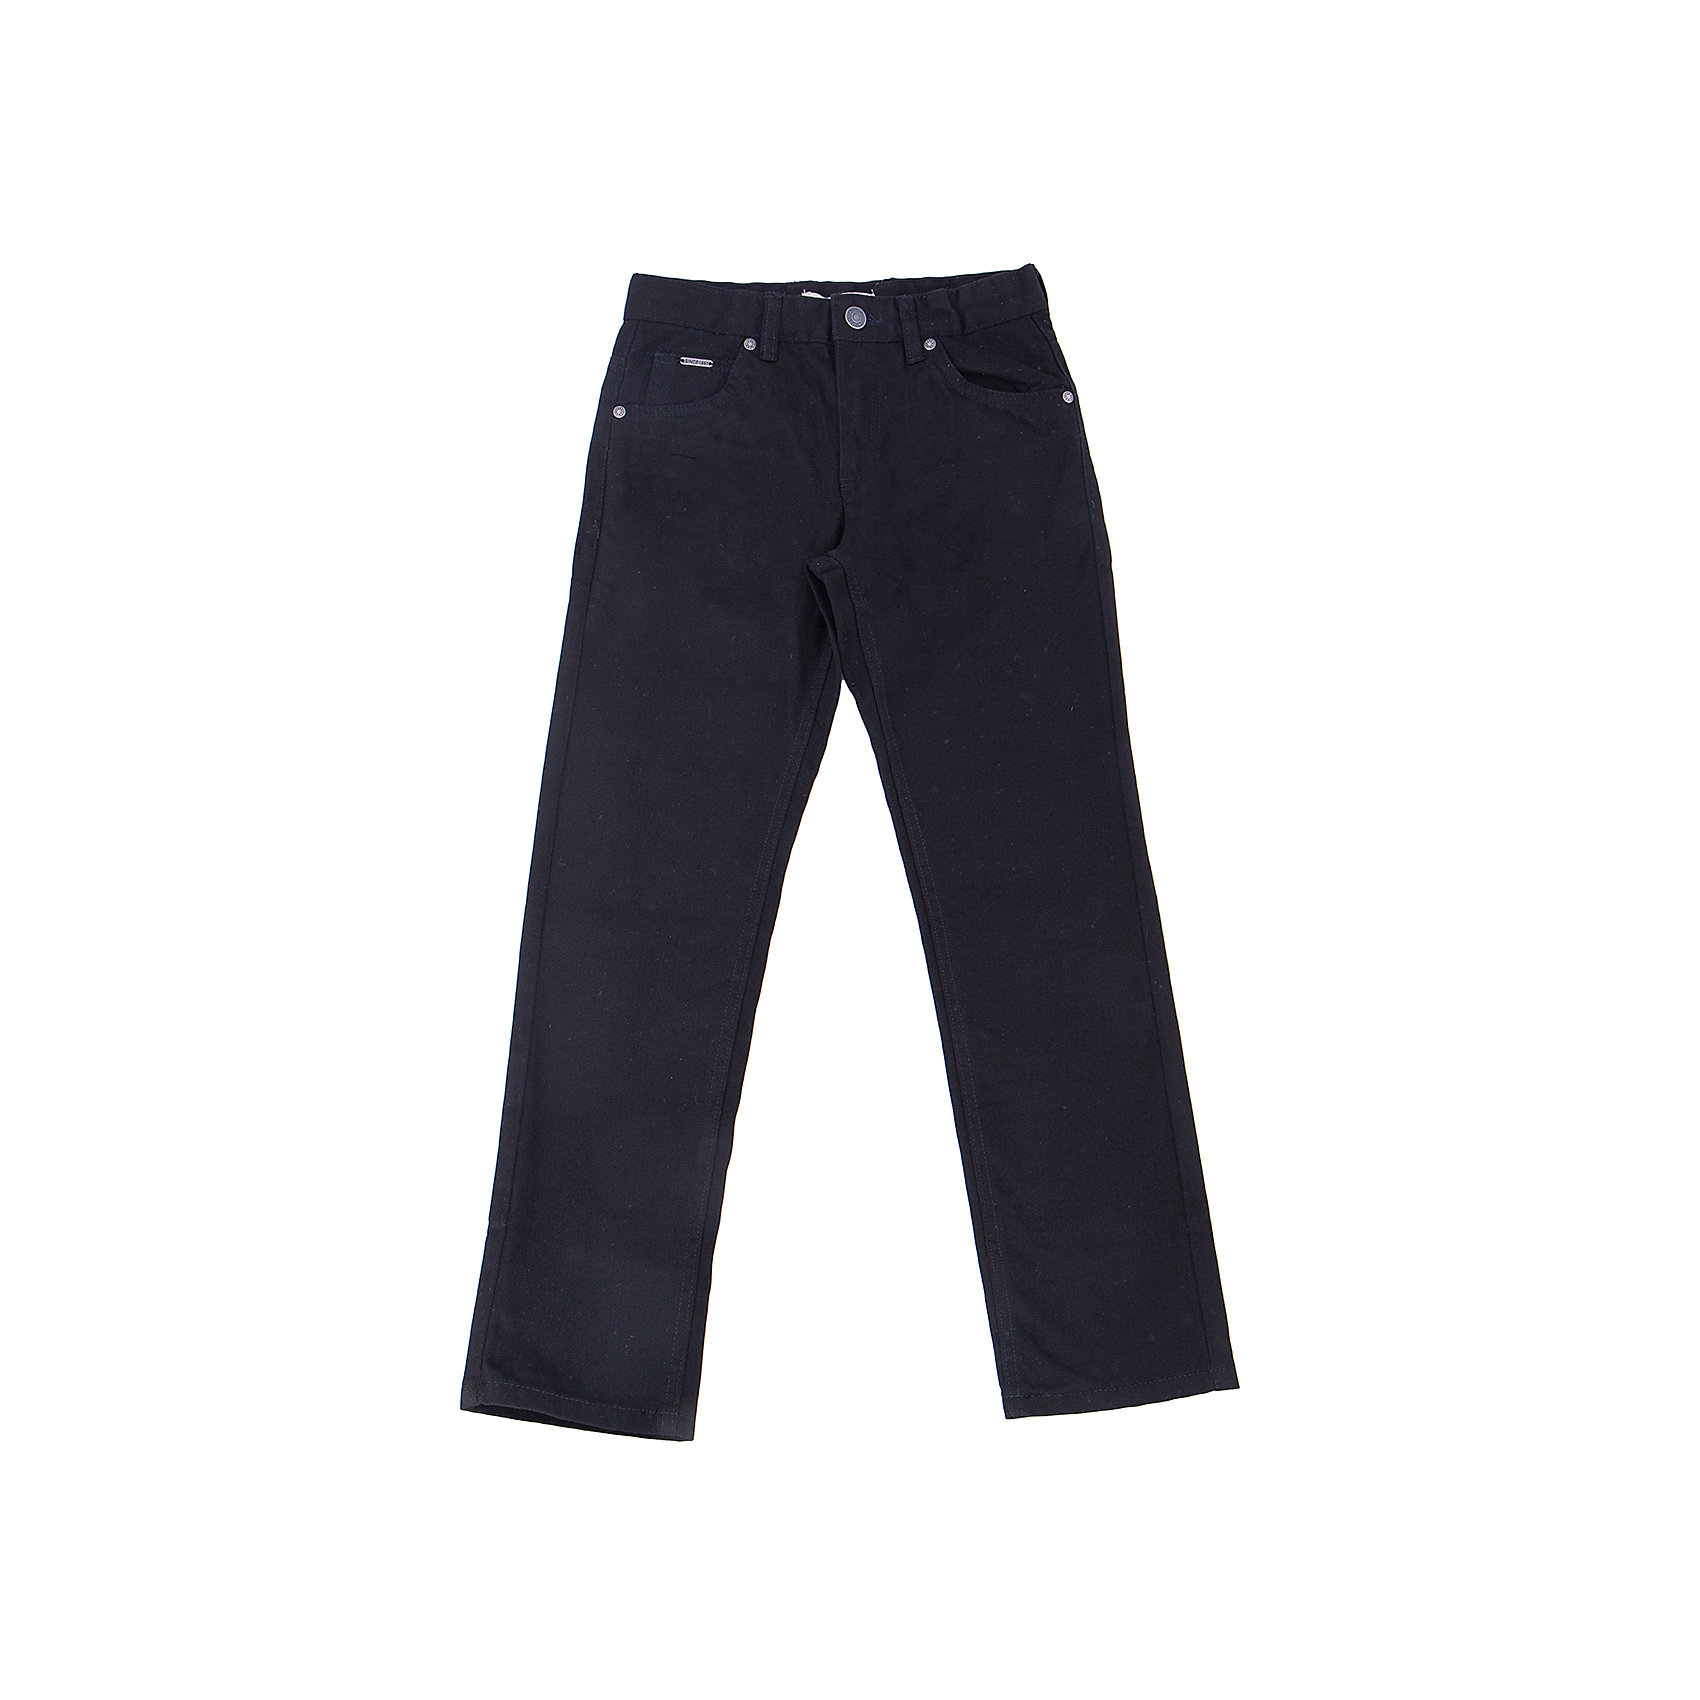 Брюки для мальчика SELAБрюки<br>Брюки для мальчика из коллекции осень-зима 2016-2017 от известного бренда SELA. Стильные брюки на каждый день приятного черного цвета сделаны из хлопка. Брюки на молнии, имеют классические 5 карманов, прекрасно подойдут как к рубашкам, так и к футболкам.<br><br>Дополнительная информация:<br>- Силуэт прямой <br><br>Состав: 100% хлопок <br><br>Брюки для мальчиков Sela можно купить в нашем интернет-магазине.<br>.<br>Подробнее:<br>• Для детей в возрасте: от 6 до 12 лет<br>• Номер товара: 4913228<br>Страна производитель: Бангладеш<br><br>Ширина мм: 215<br>Глубина мм: 88<br>Высота мм: 191<br>Вес г: 336<br>Цвет: черный<br>Возраст от месяцев: 120<br>Возраст до месяцев: 132<br>Пол: Мужской<br>Возраст: Детский<br>Размер: 146,152,134,116,128,140,122<br>SKU: 4913227